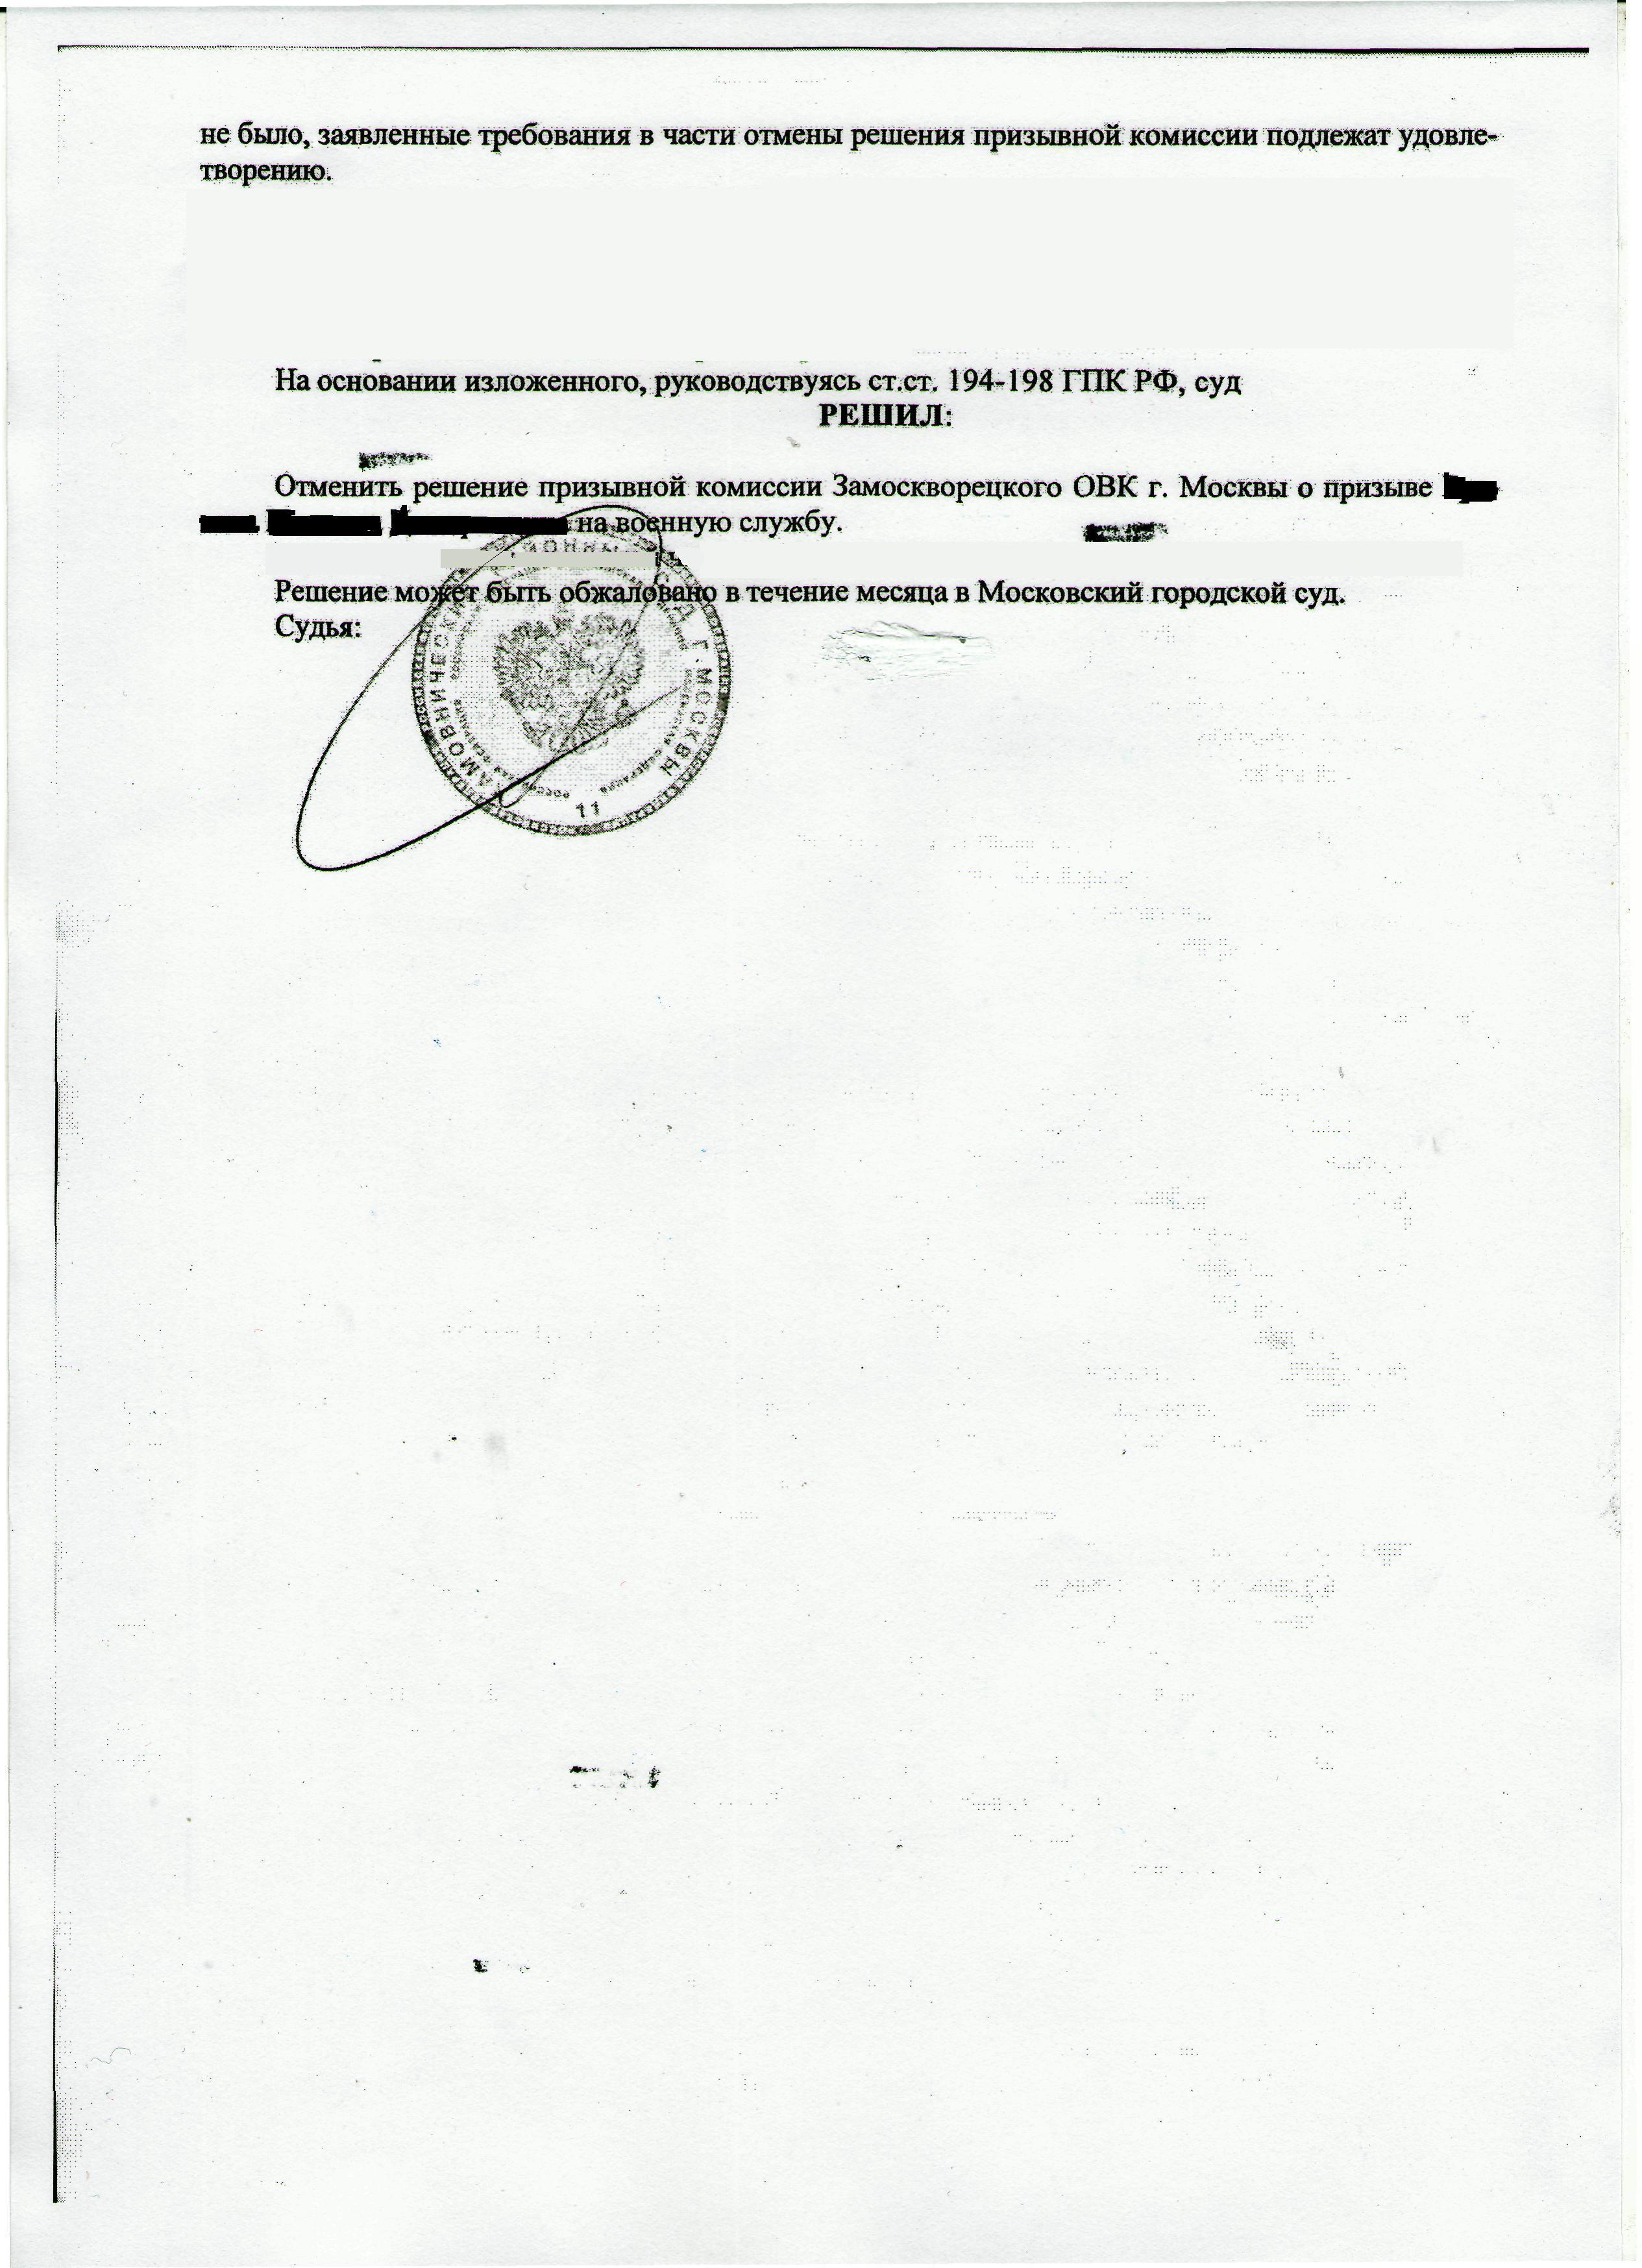 Решение суда об отмене призыва. Лист 2